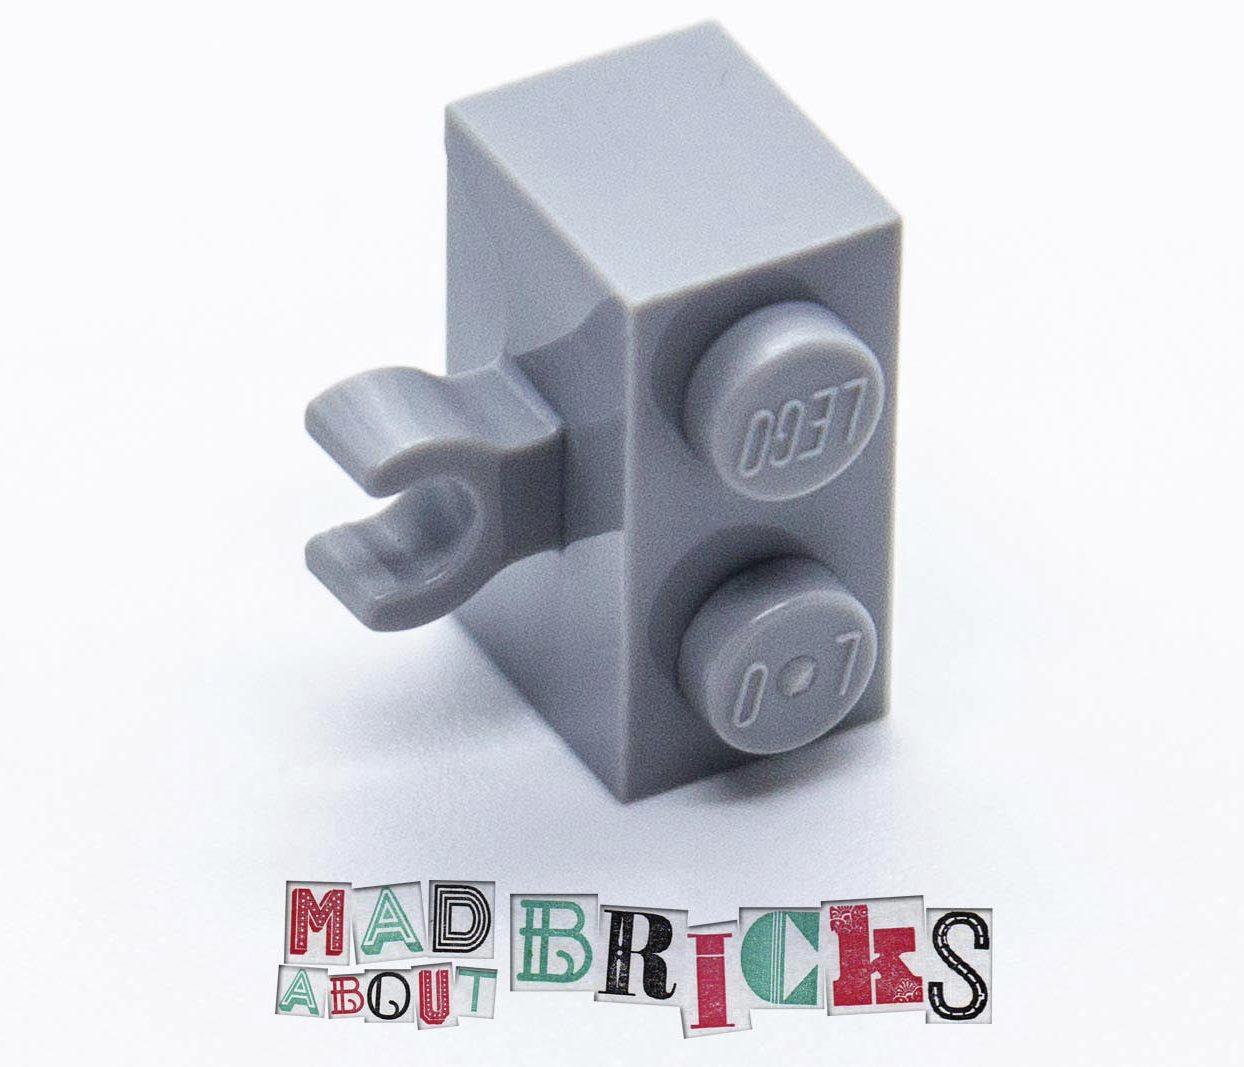 Lego 95820 1x2 Brick with Horizontal Holder 4641682